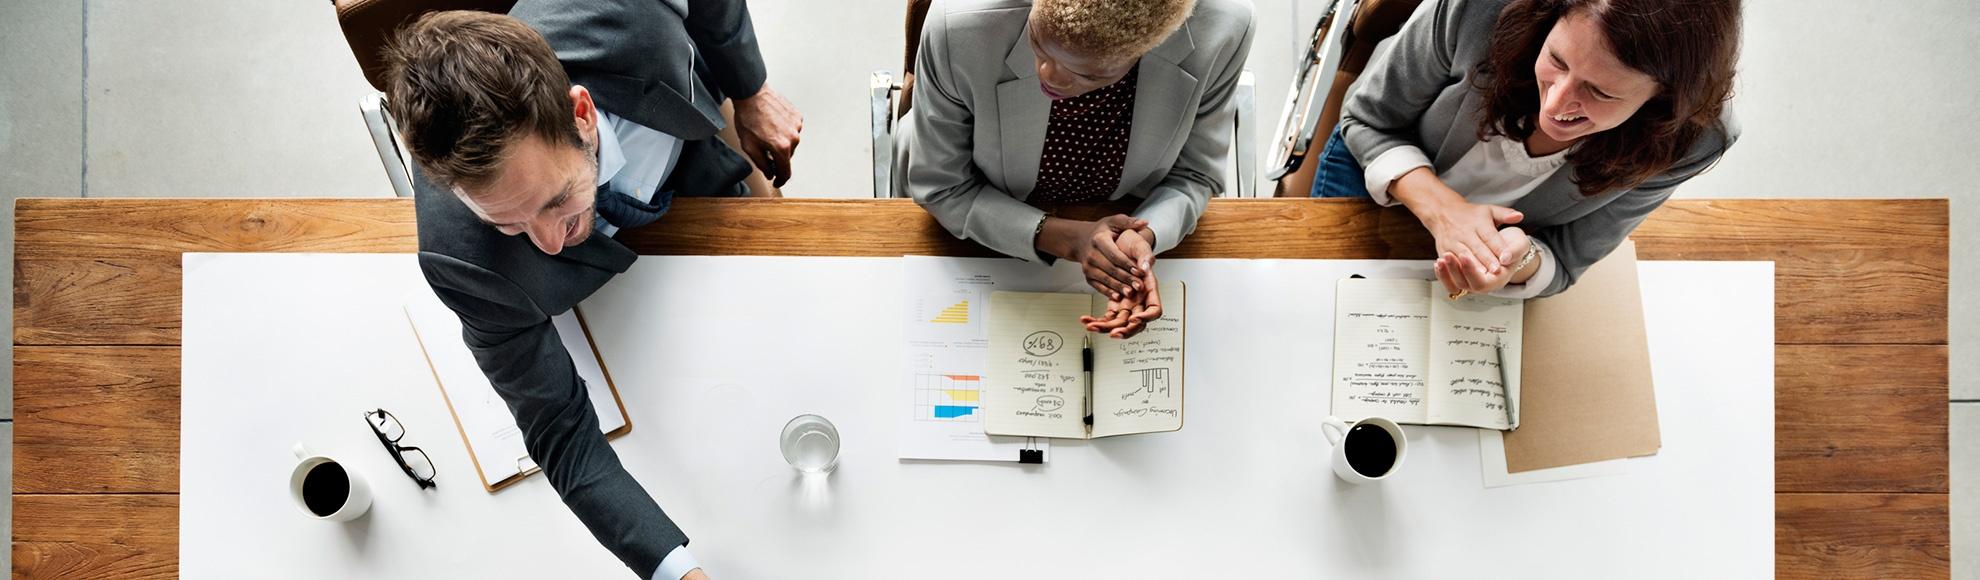 Opp app voor commerciële organisaties